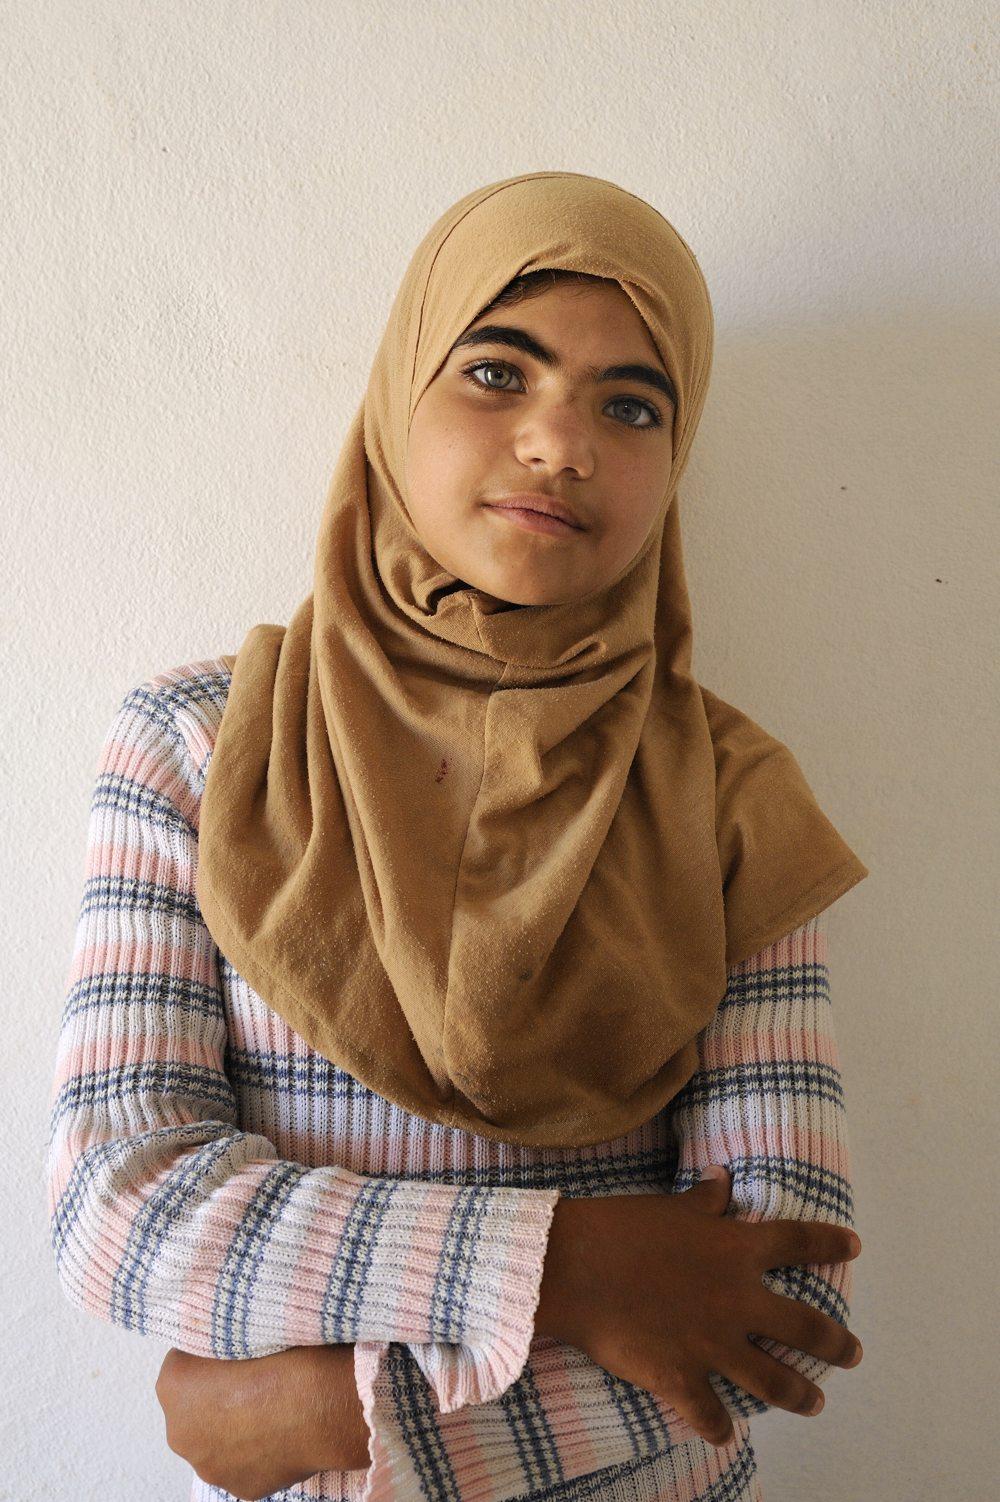 COA-by-thijs-4  Ik ontmoette Safa'a (15) in Al Za'atari, het uitgestrekte vluchtelingenkamp in Noord-Jordanië. Ze was verlegen en stil en het gesprek dat schrijfster Rinke Verkerk met haar voerde vlotte niet echt. Totdat Rinke vroeg of Safaa schreef. Ze haalde een stuk papier uit haar zak en droeg een prachtig zelf geschreven gedicht voor, waarin ze haar verlangen om terug te keren naar Syrië beschreef. Het raakte mij diep; haar verhaal staat in het boek 'Anything out of nothing' en een deel van haar gedicht prijkt - in het Arabisch - op de cover van het boek.